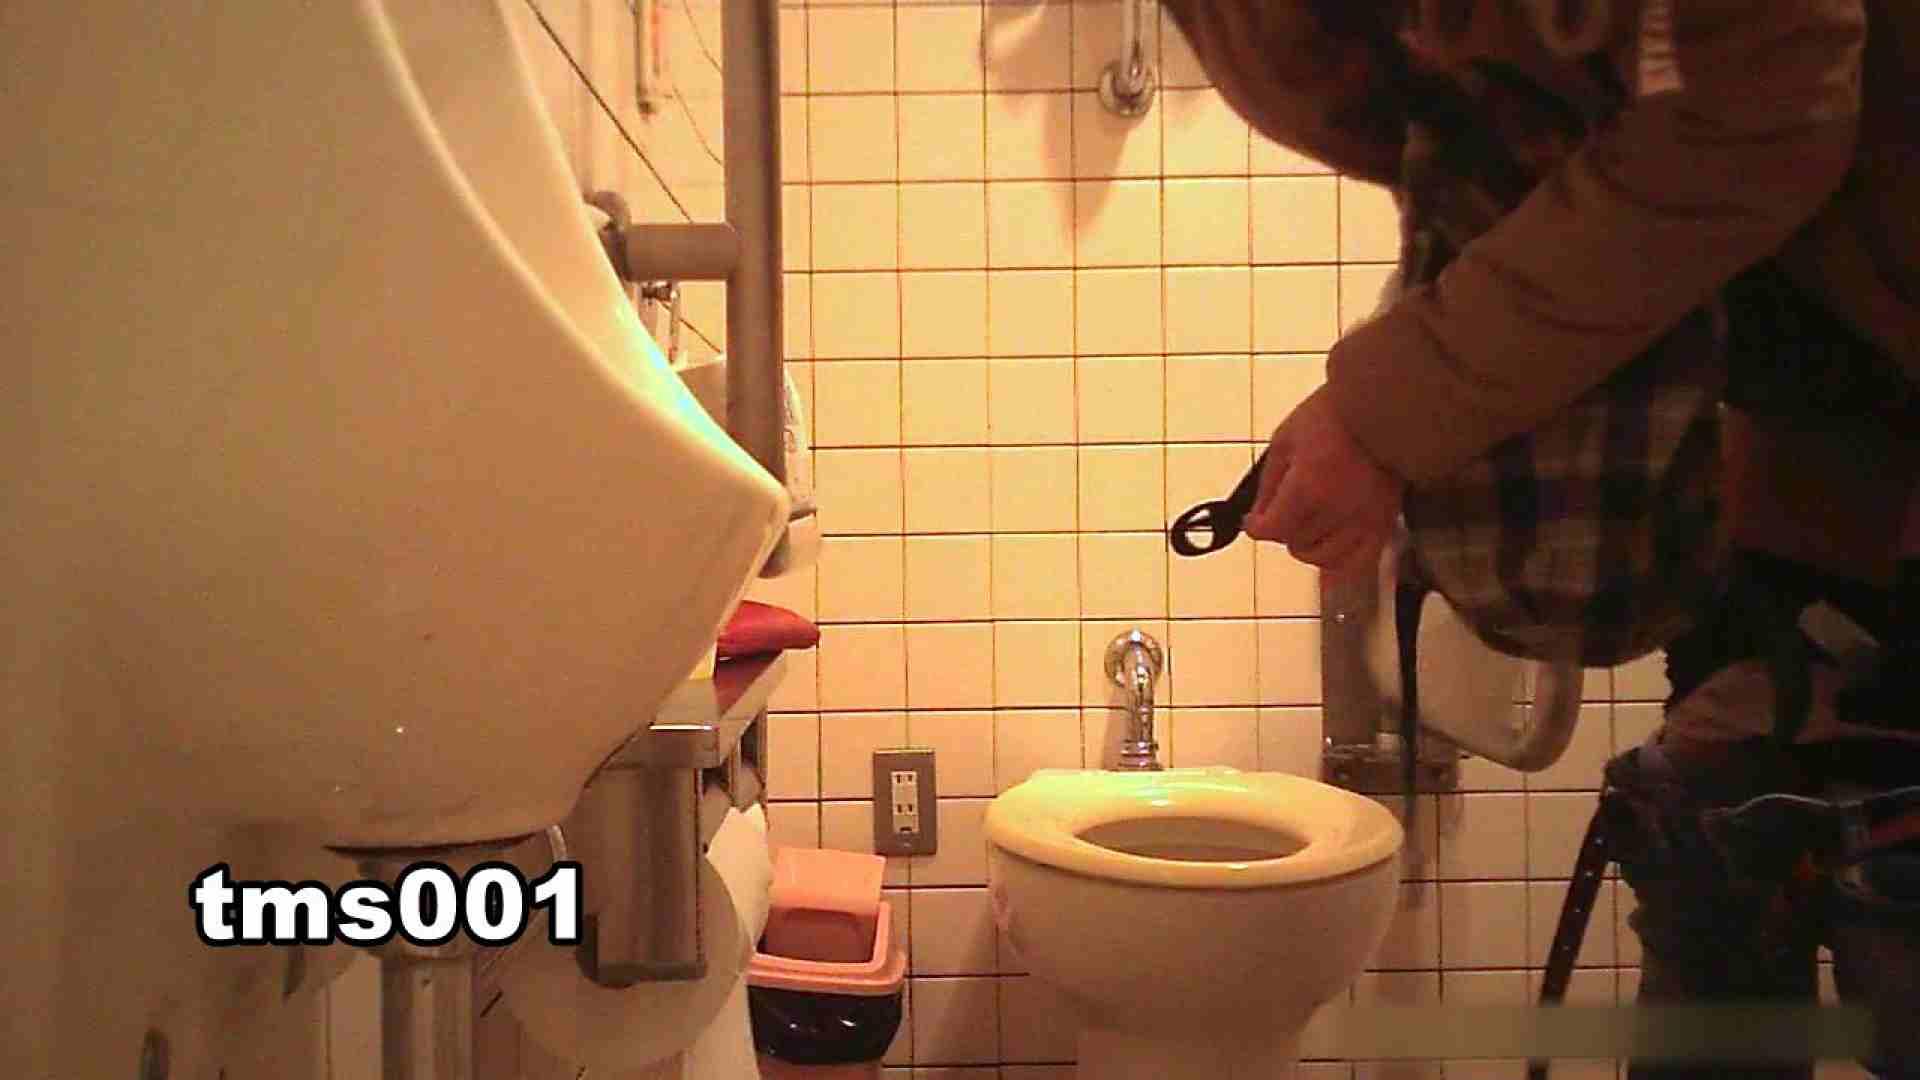 トイメンの割れ目 vol.001 洗面所シーン AV動画キャプチャ 91画像 84